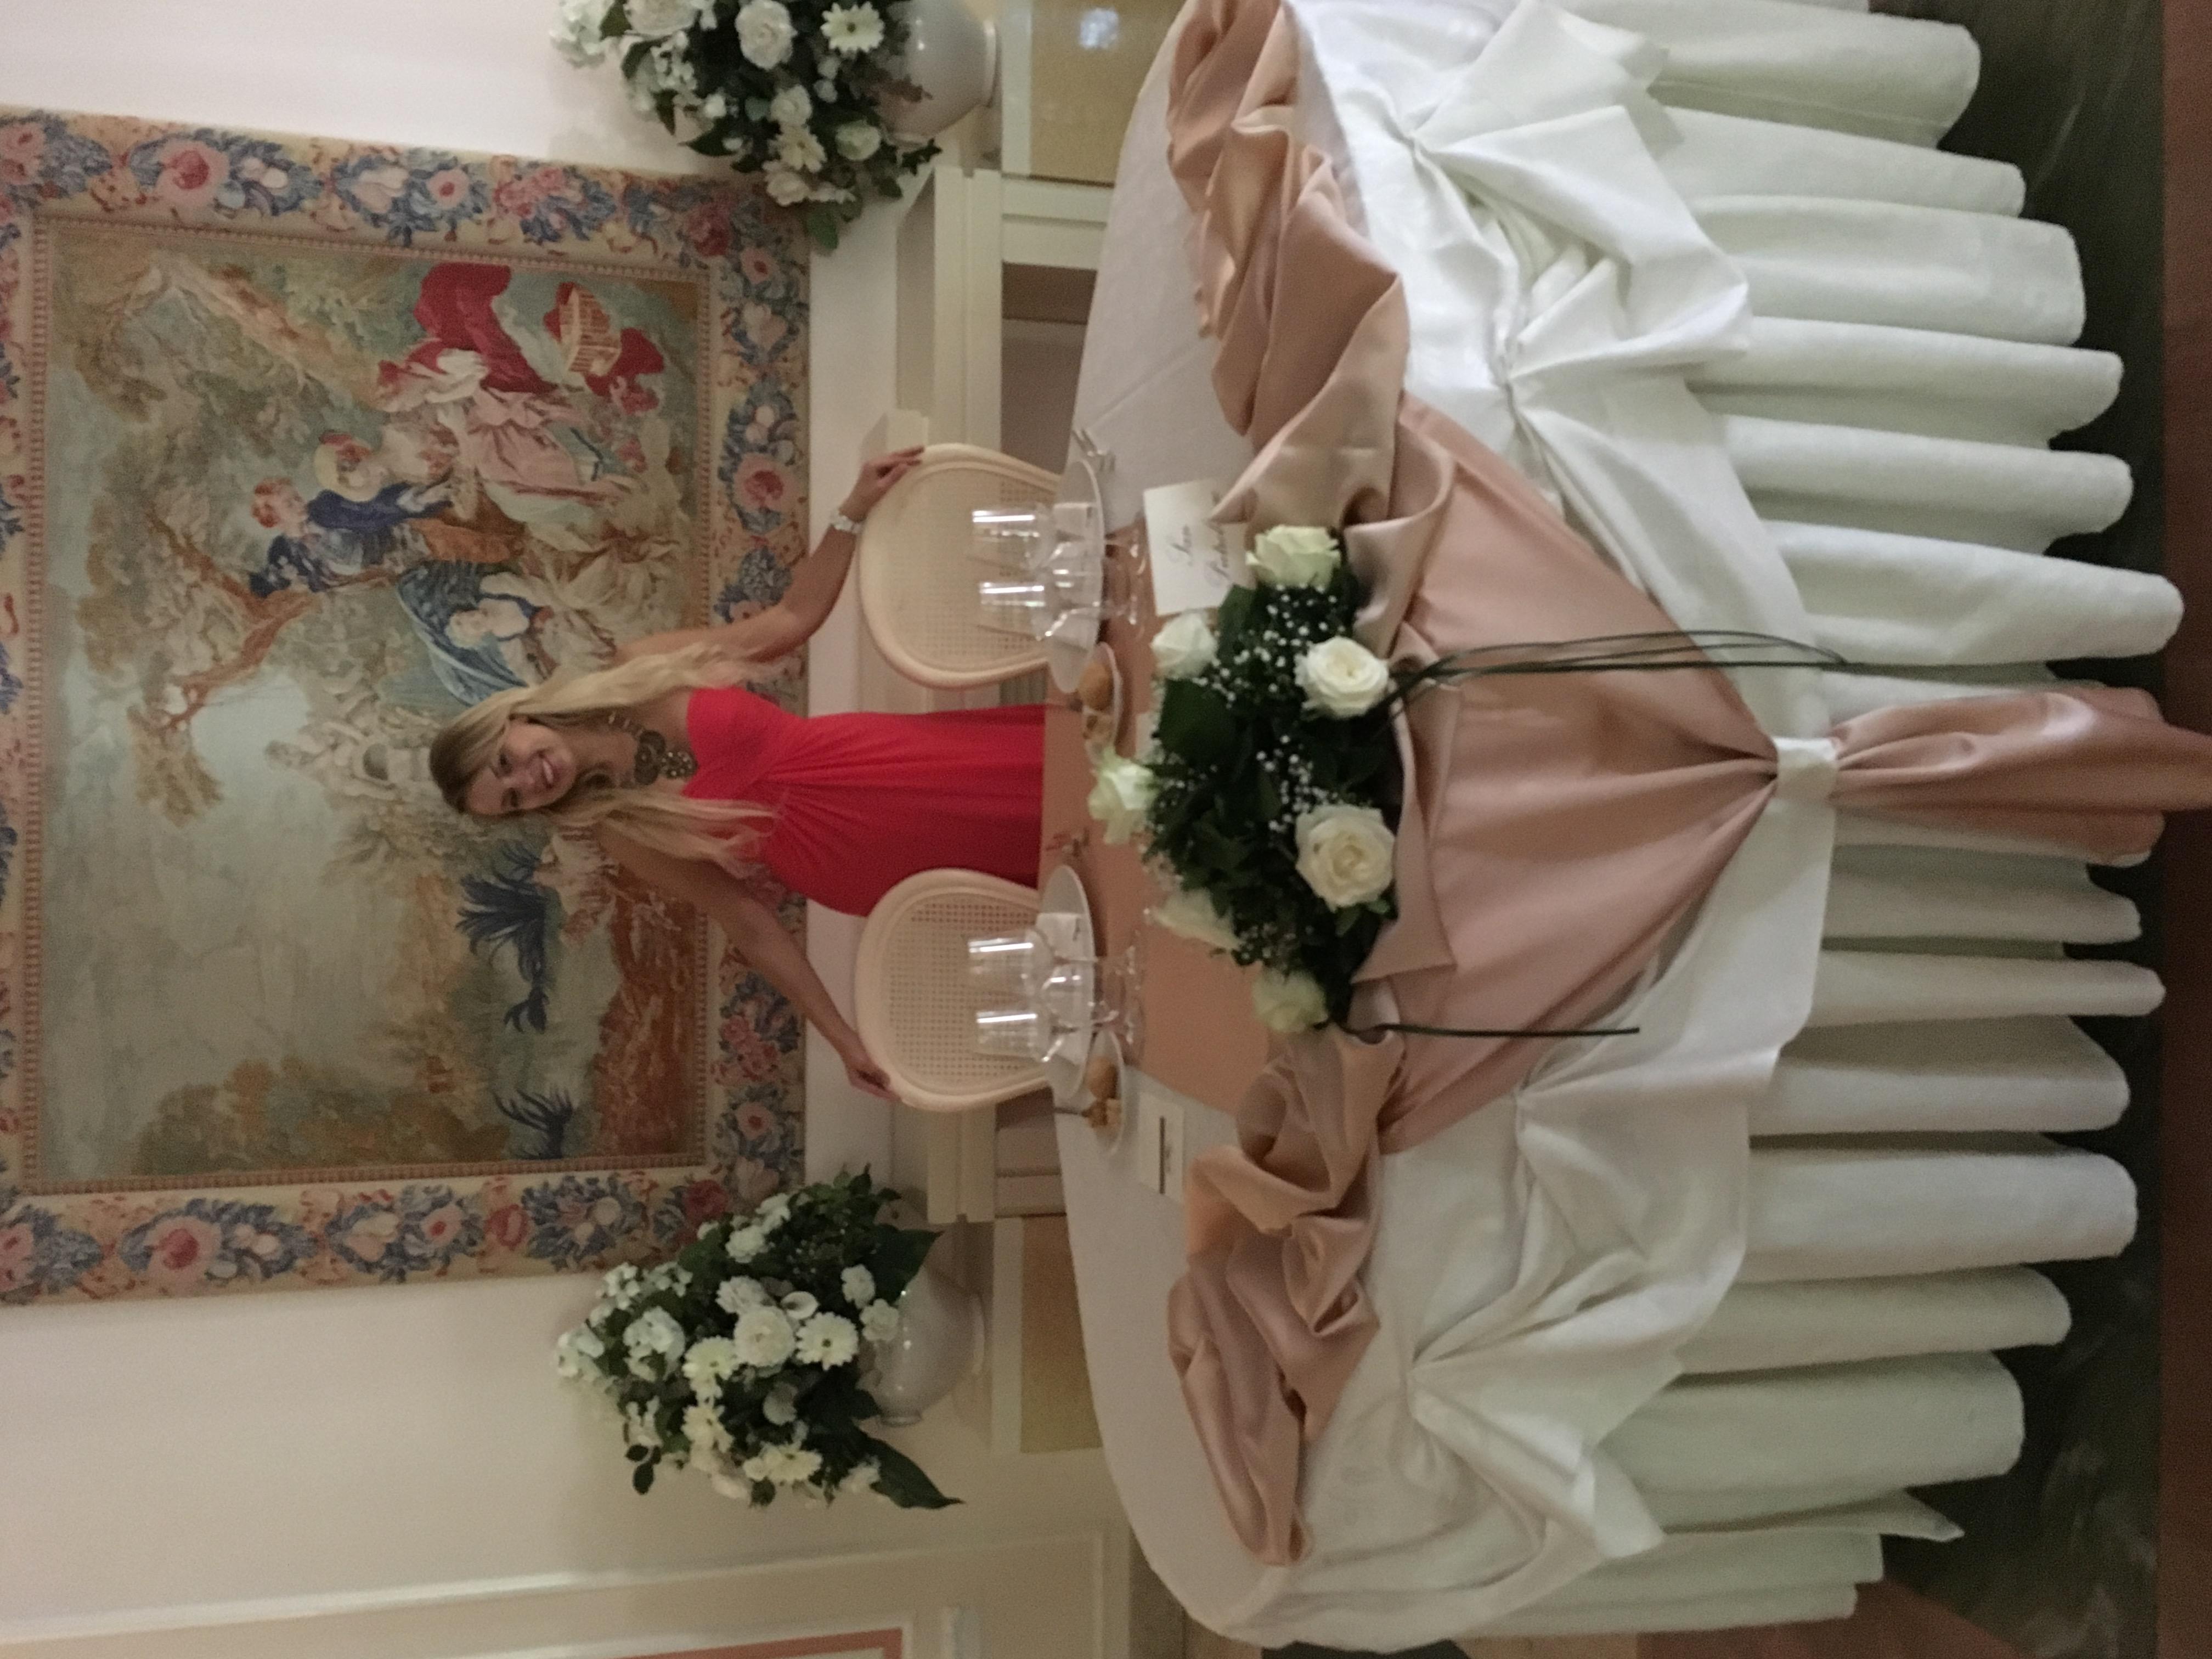 Фото 14 свадьба в Италии на вилле | Кристина и Кристиан | ведущая на итальянском языке - Катрин Моро